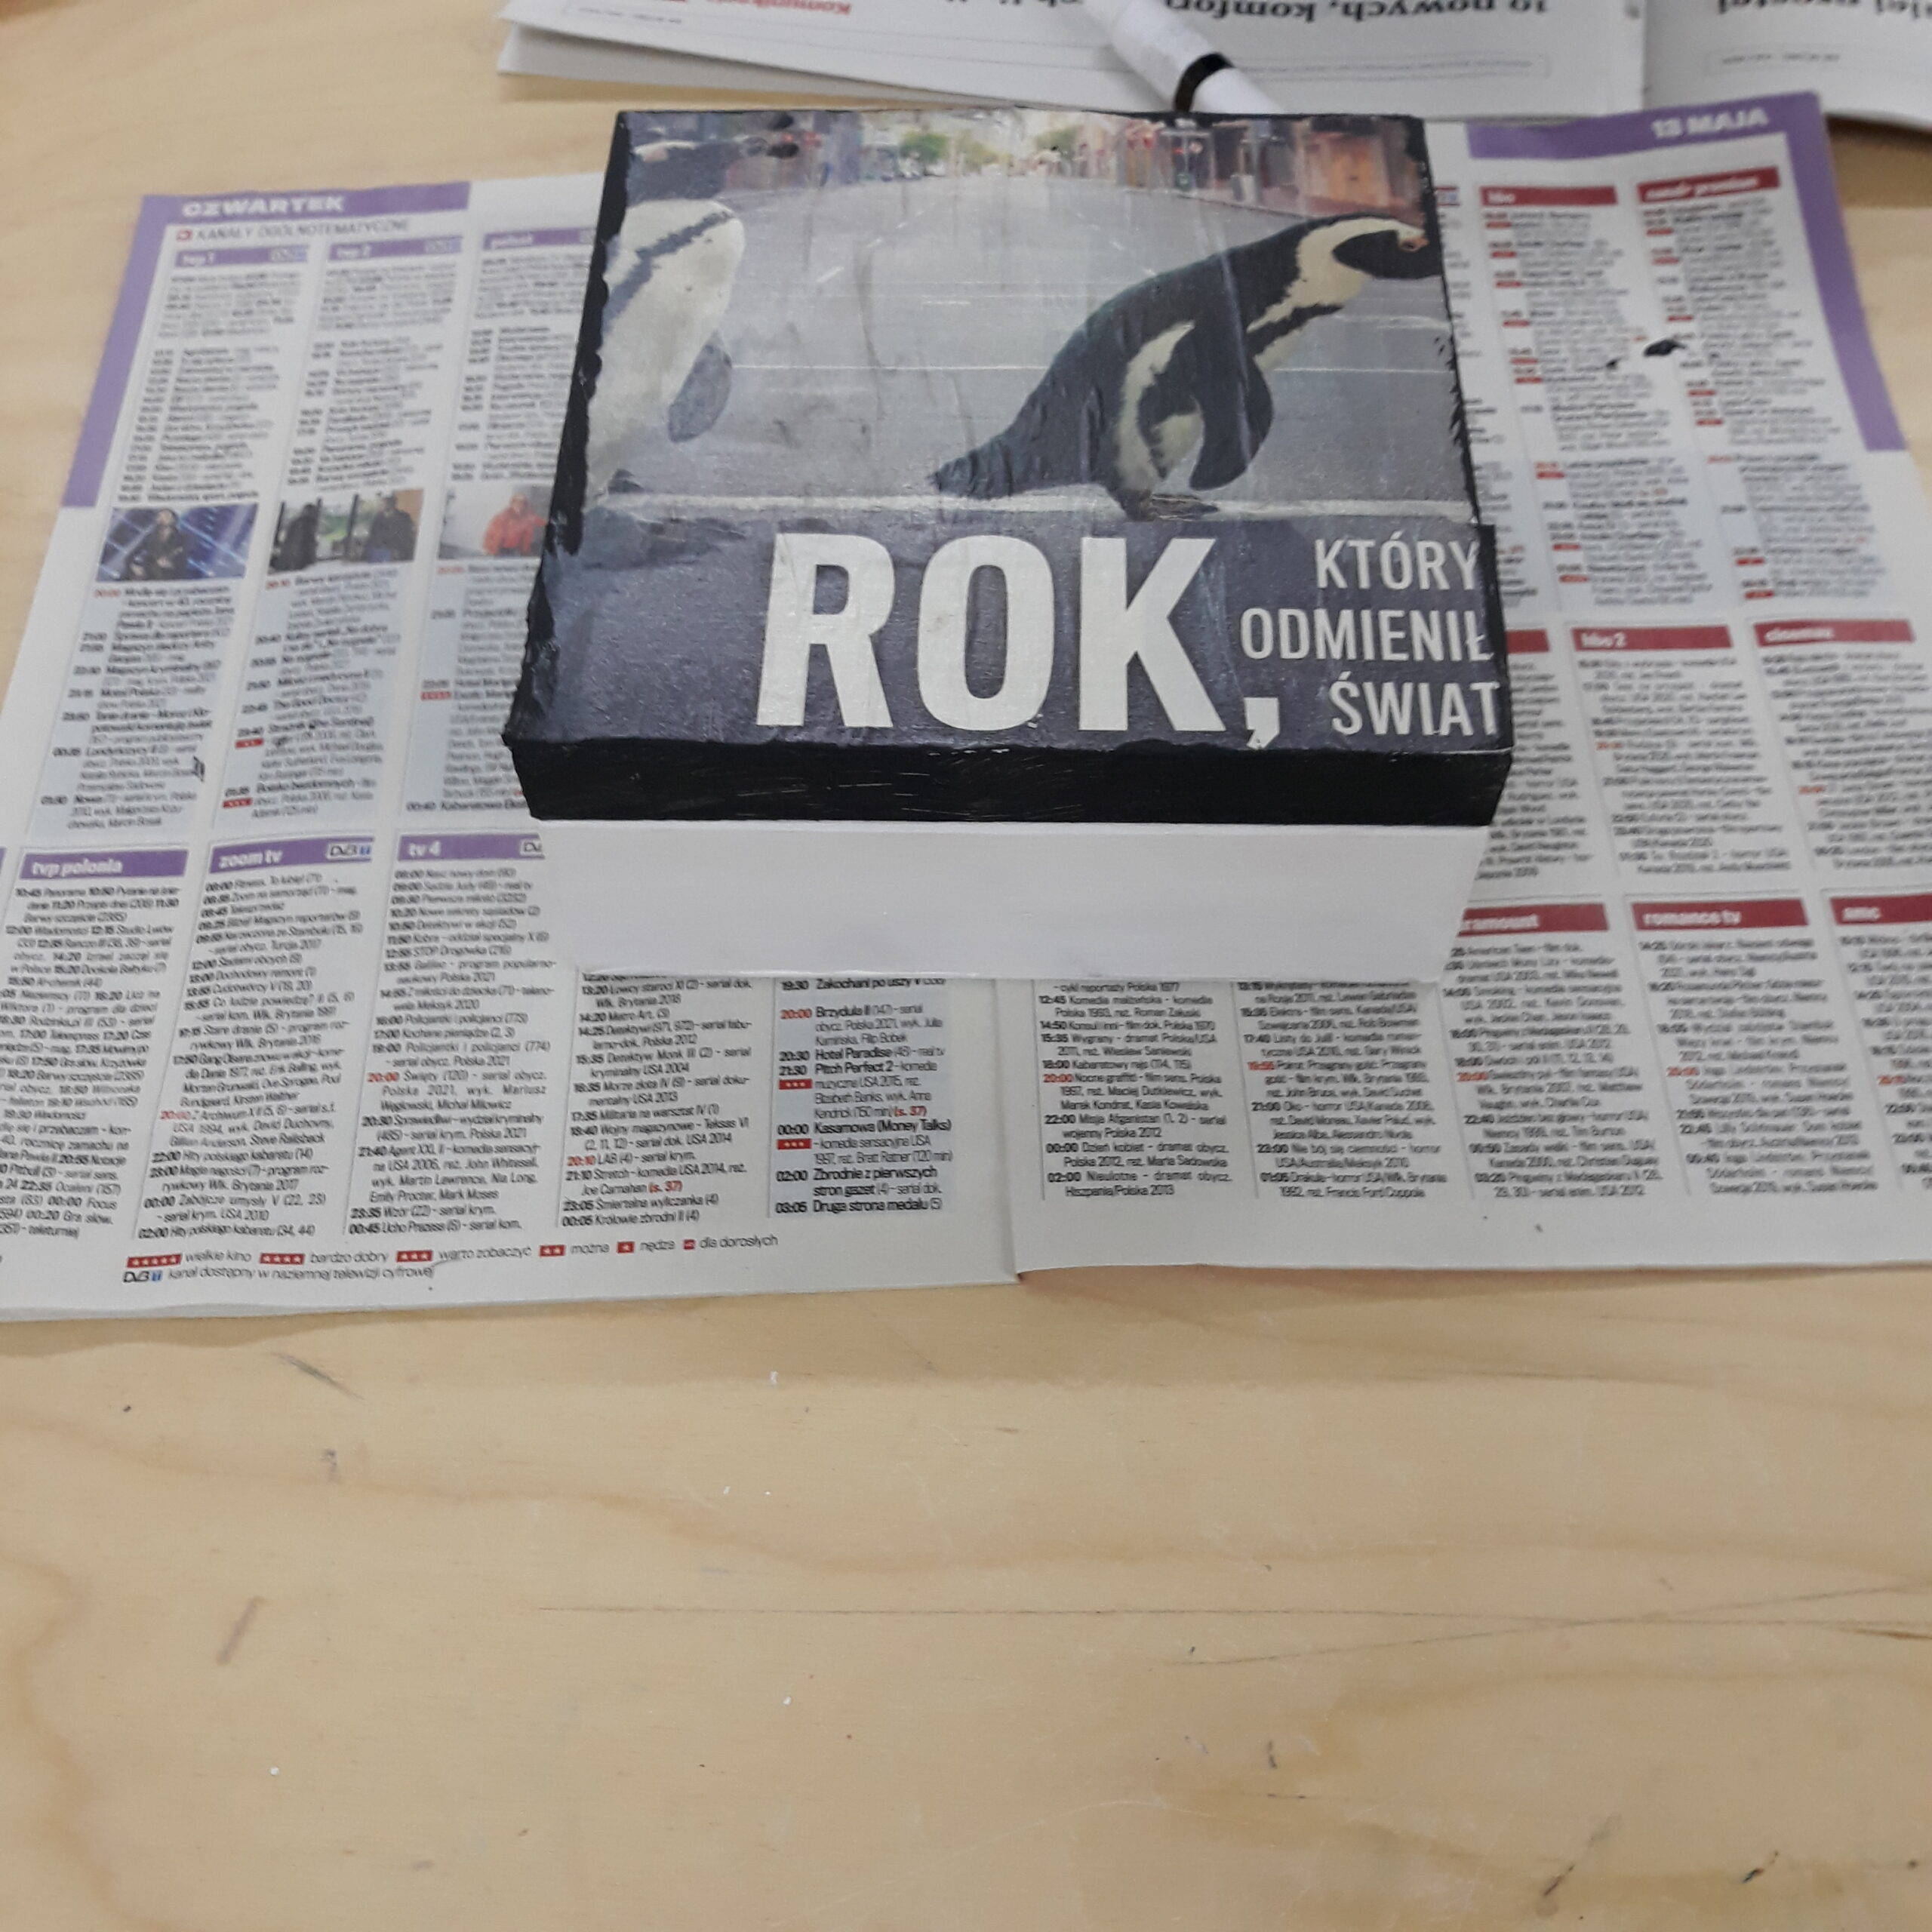 Pudełko ozdobione wycinkiem z gazety na którym jest słowo ROK